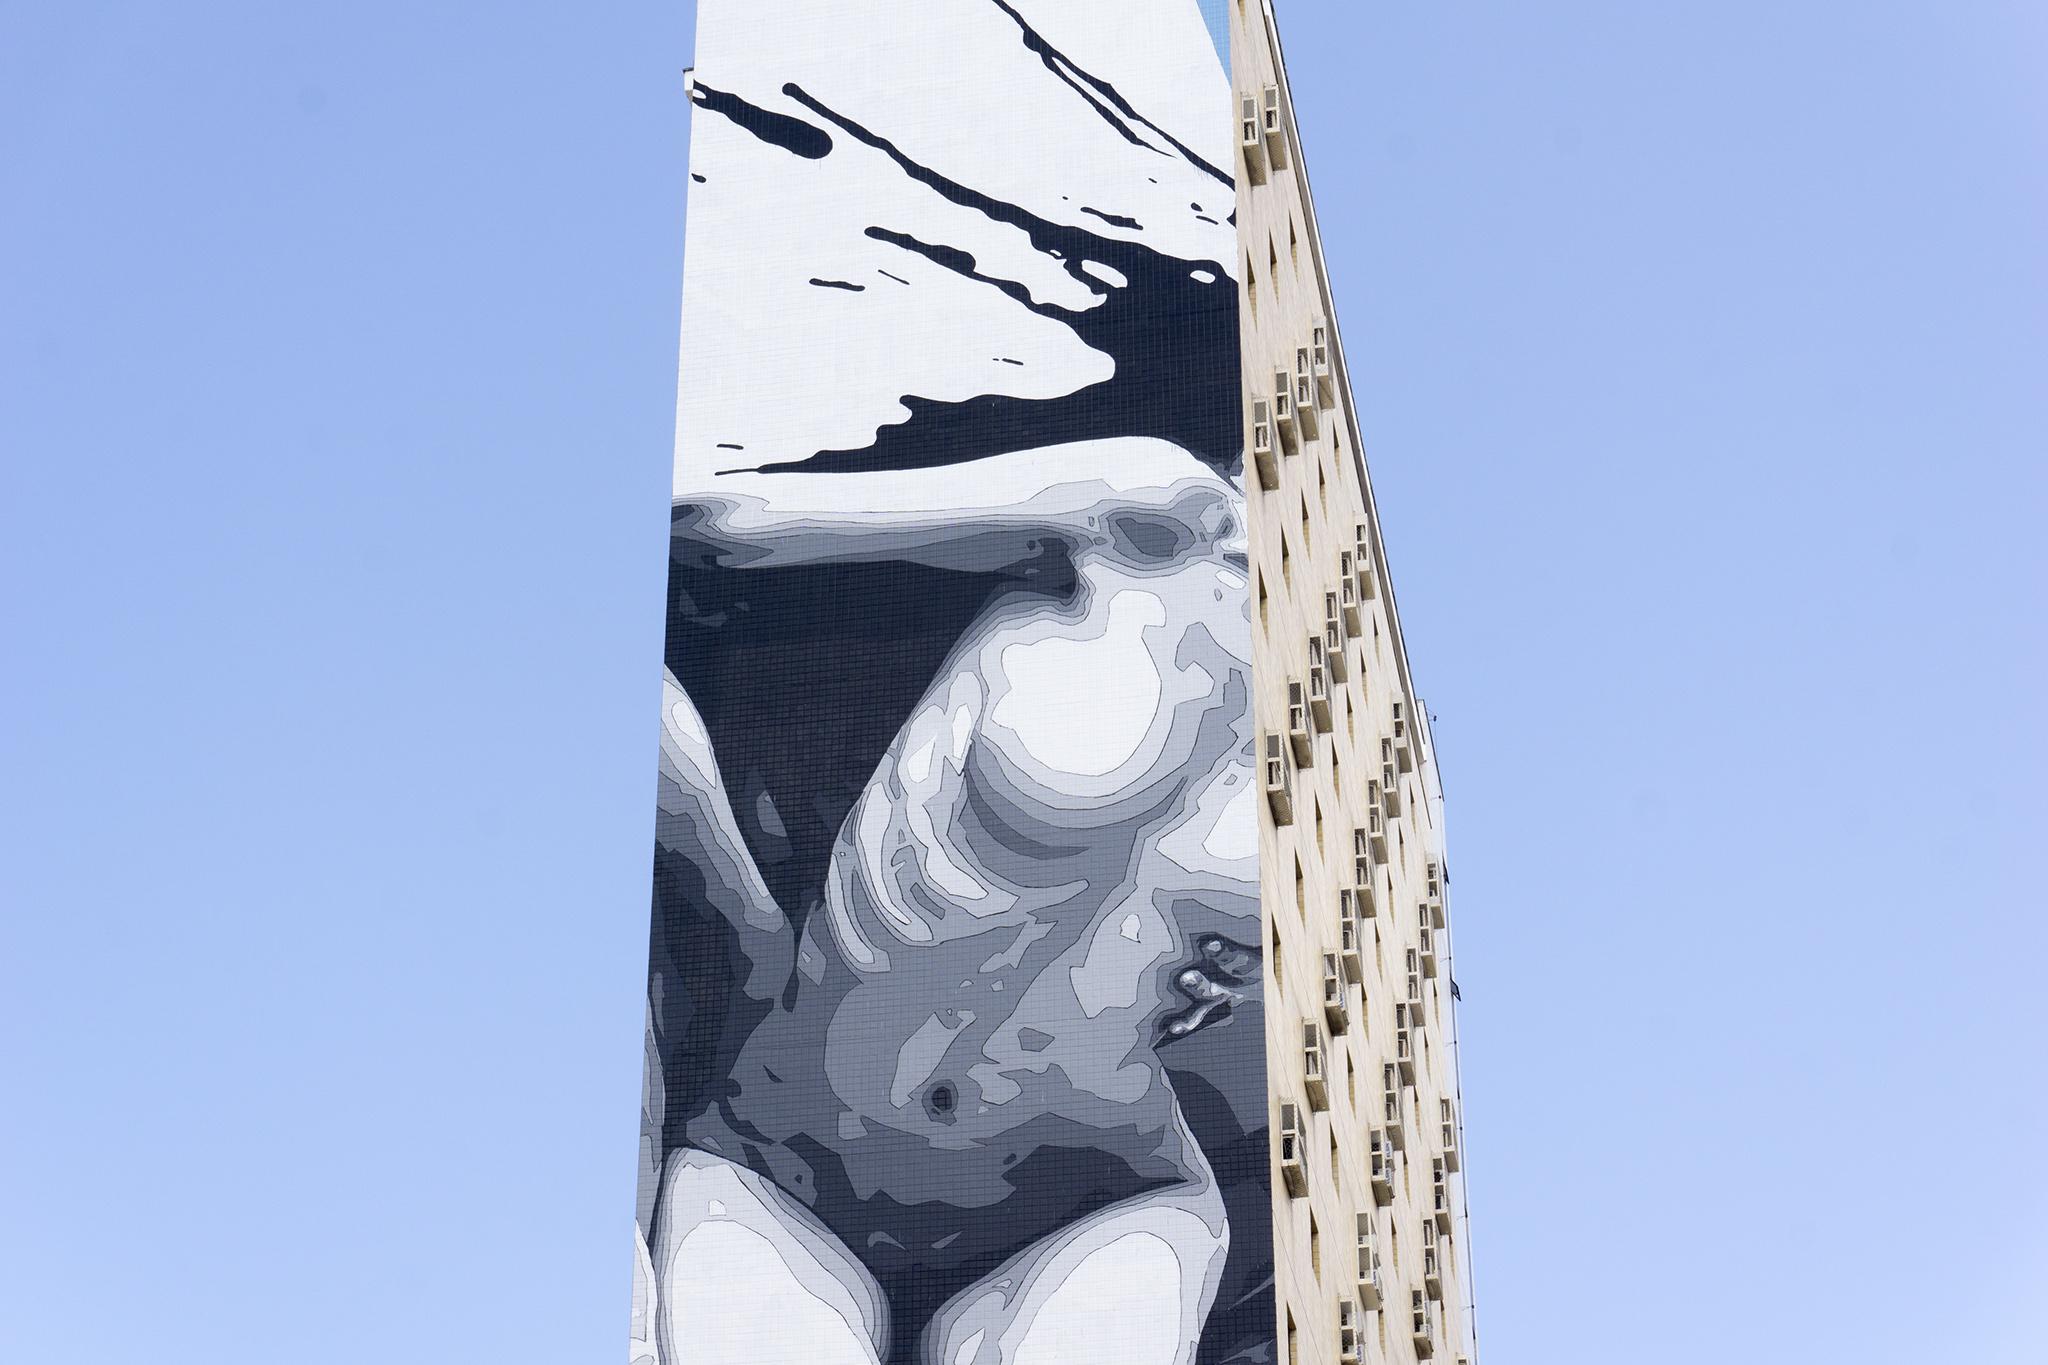 """""""Broken"""" by INO in Fortaleza, Brazil Artes & contextos ino concreto brazil 4"""